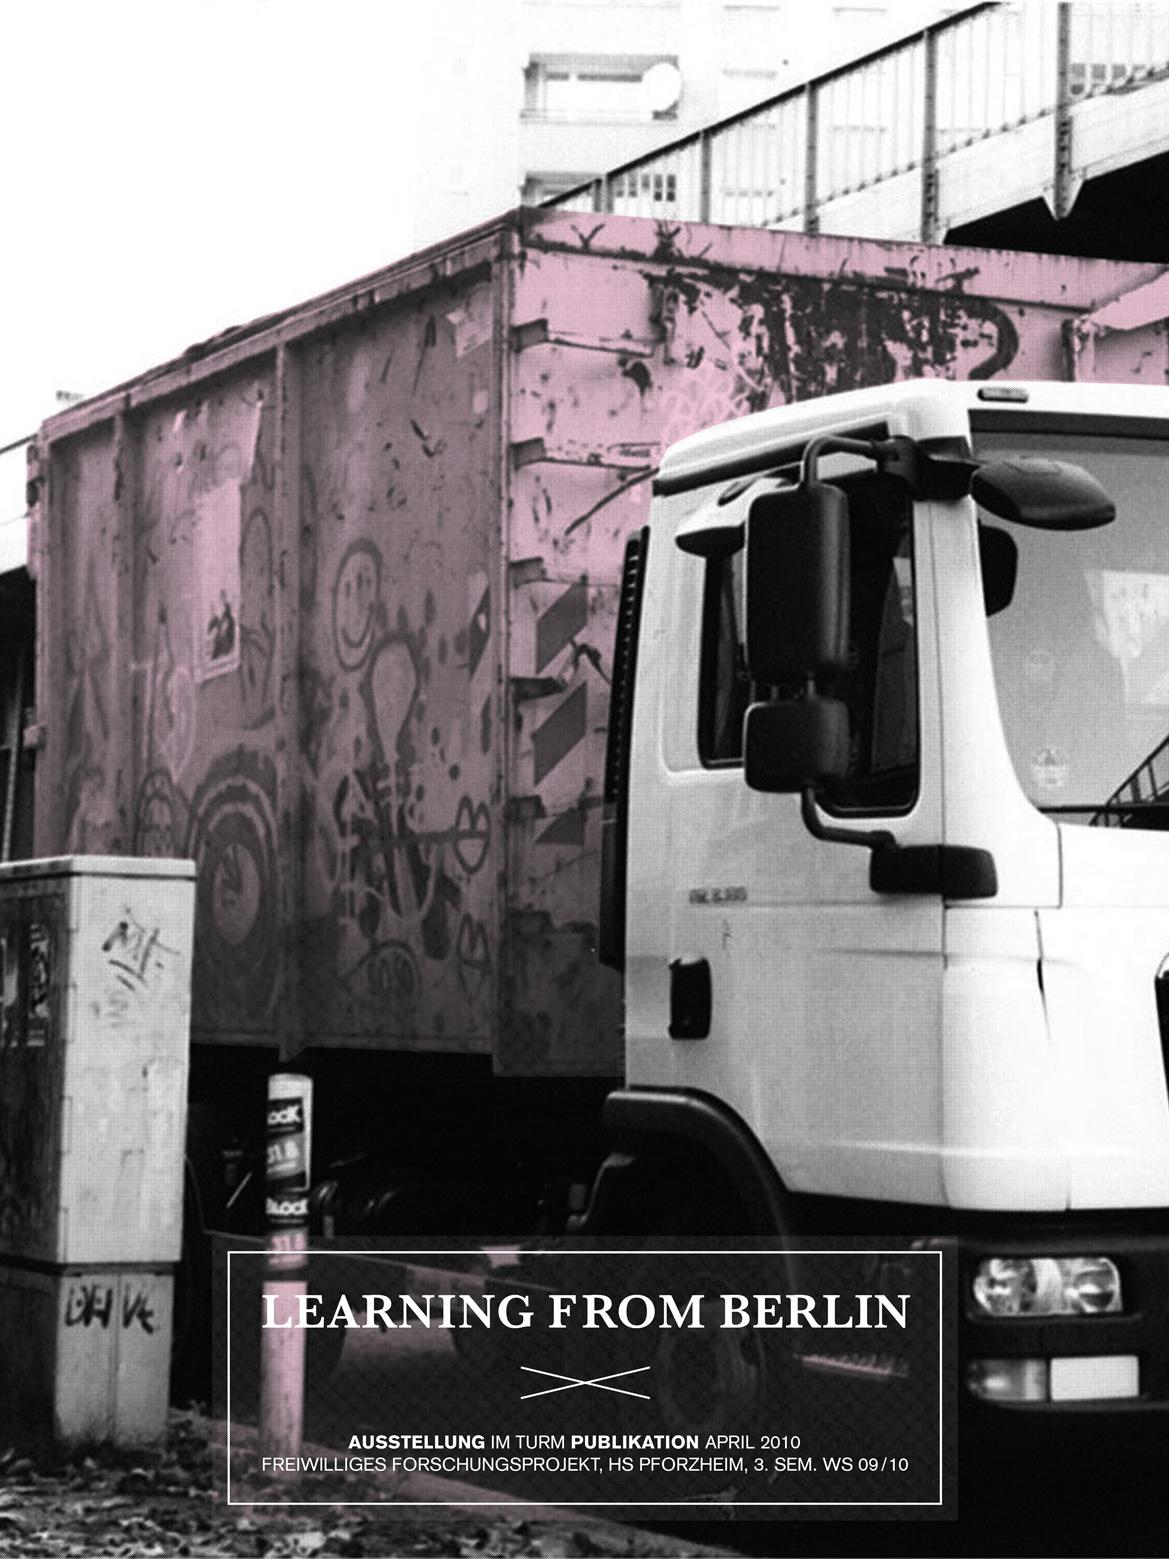 Urban-Manegold-Learning-from-Berlin-Design-Prozess-Magazin-Ausstellung-Plakat-SocialStudies-Gentrifikation-LFB-plakat6